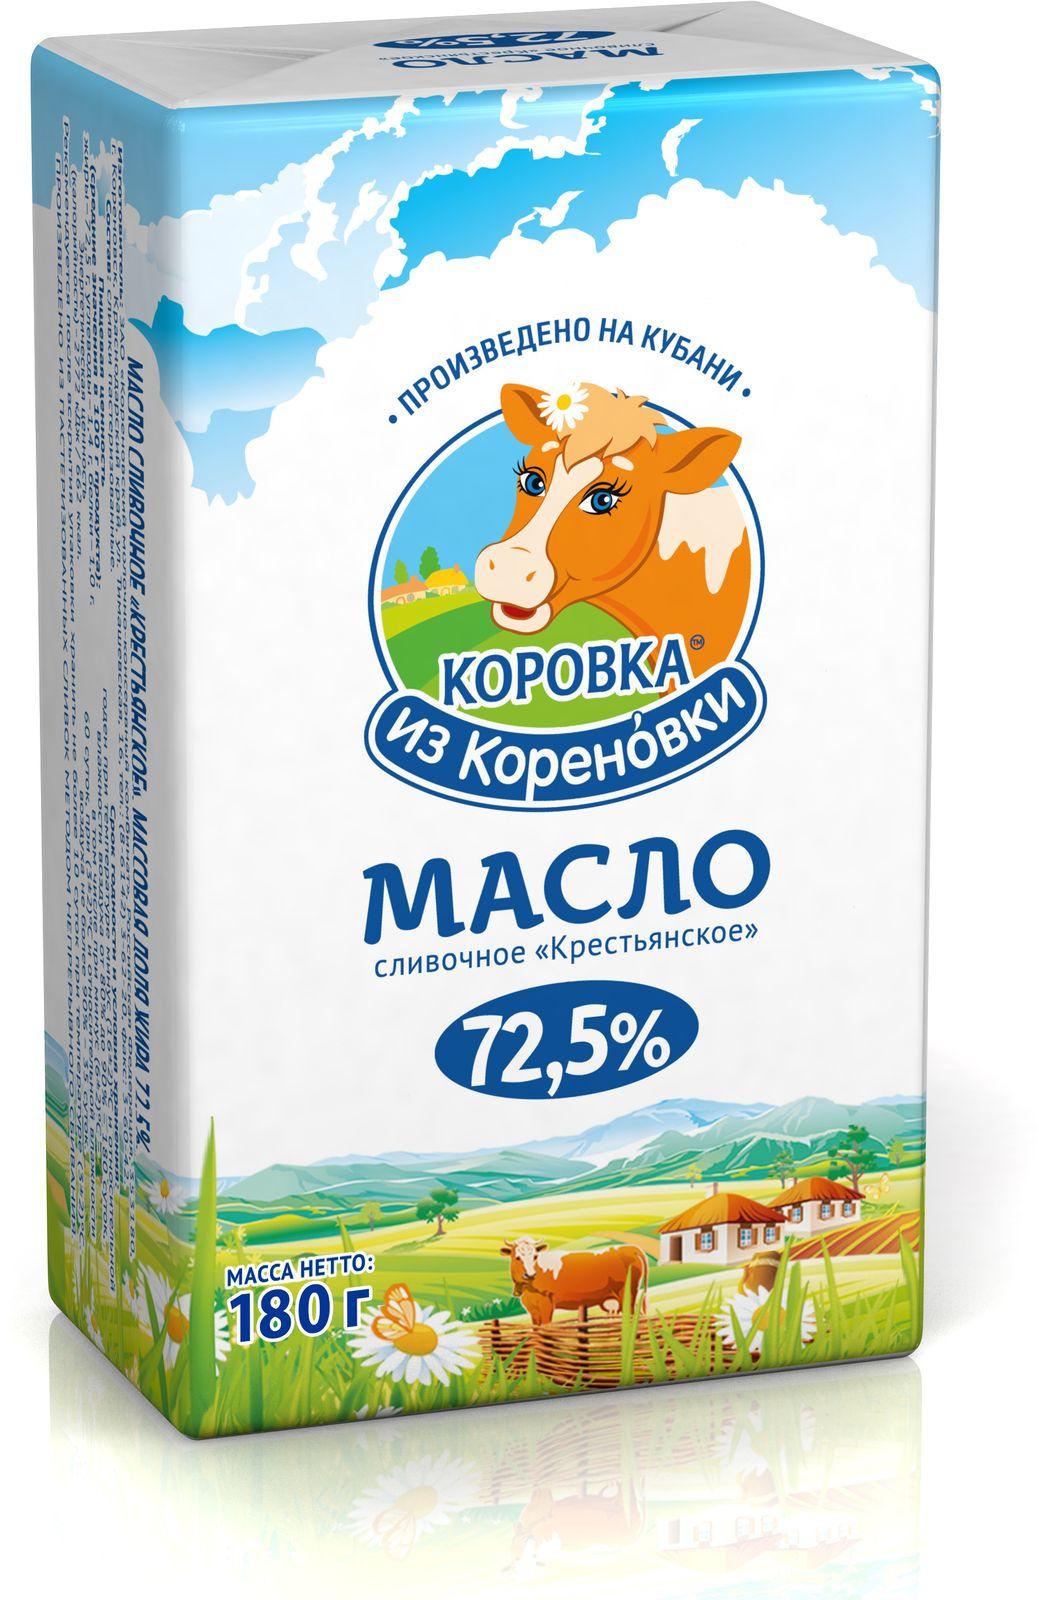 Сливочное масло Коровка из Кореновки Крестьянское, 72,5%, 180 г